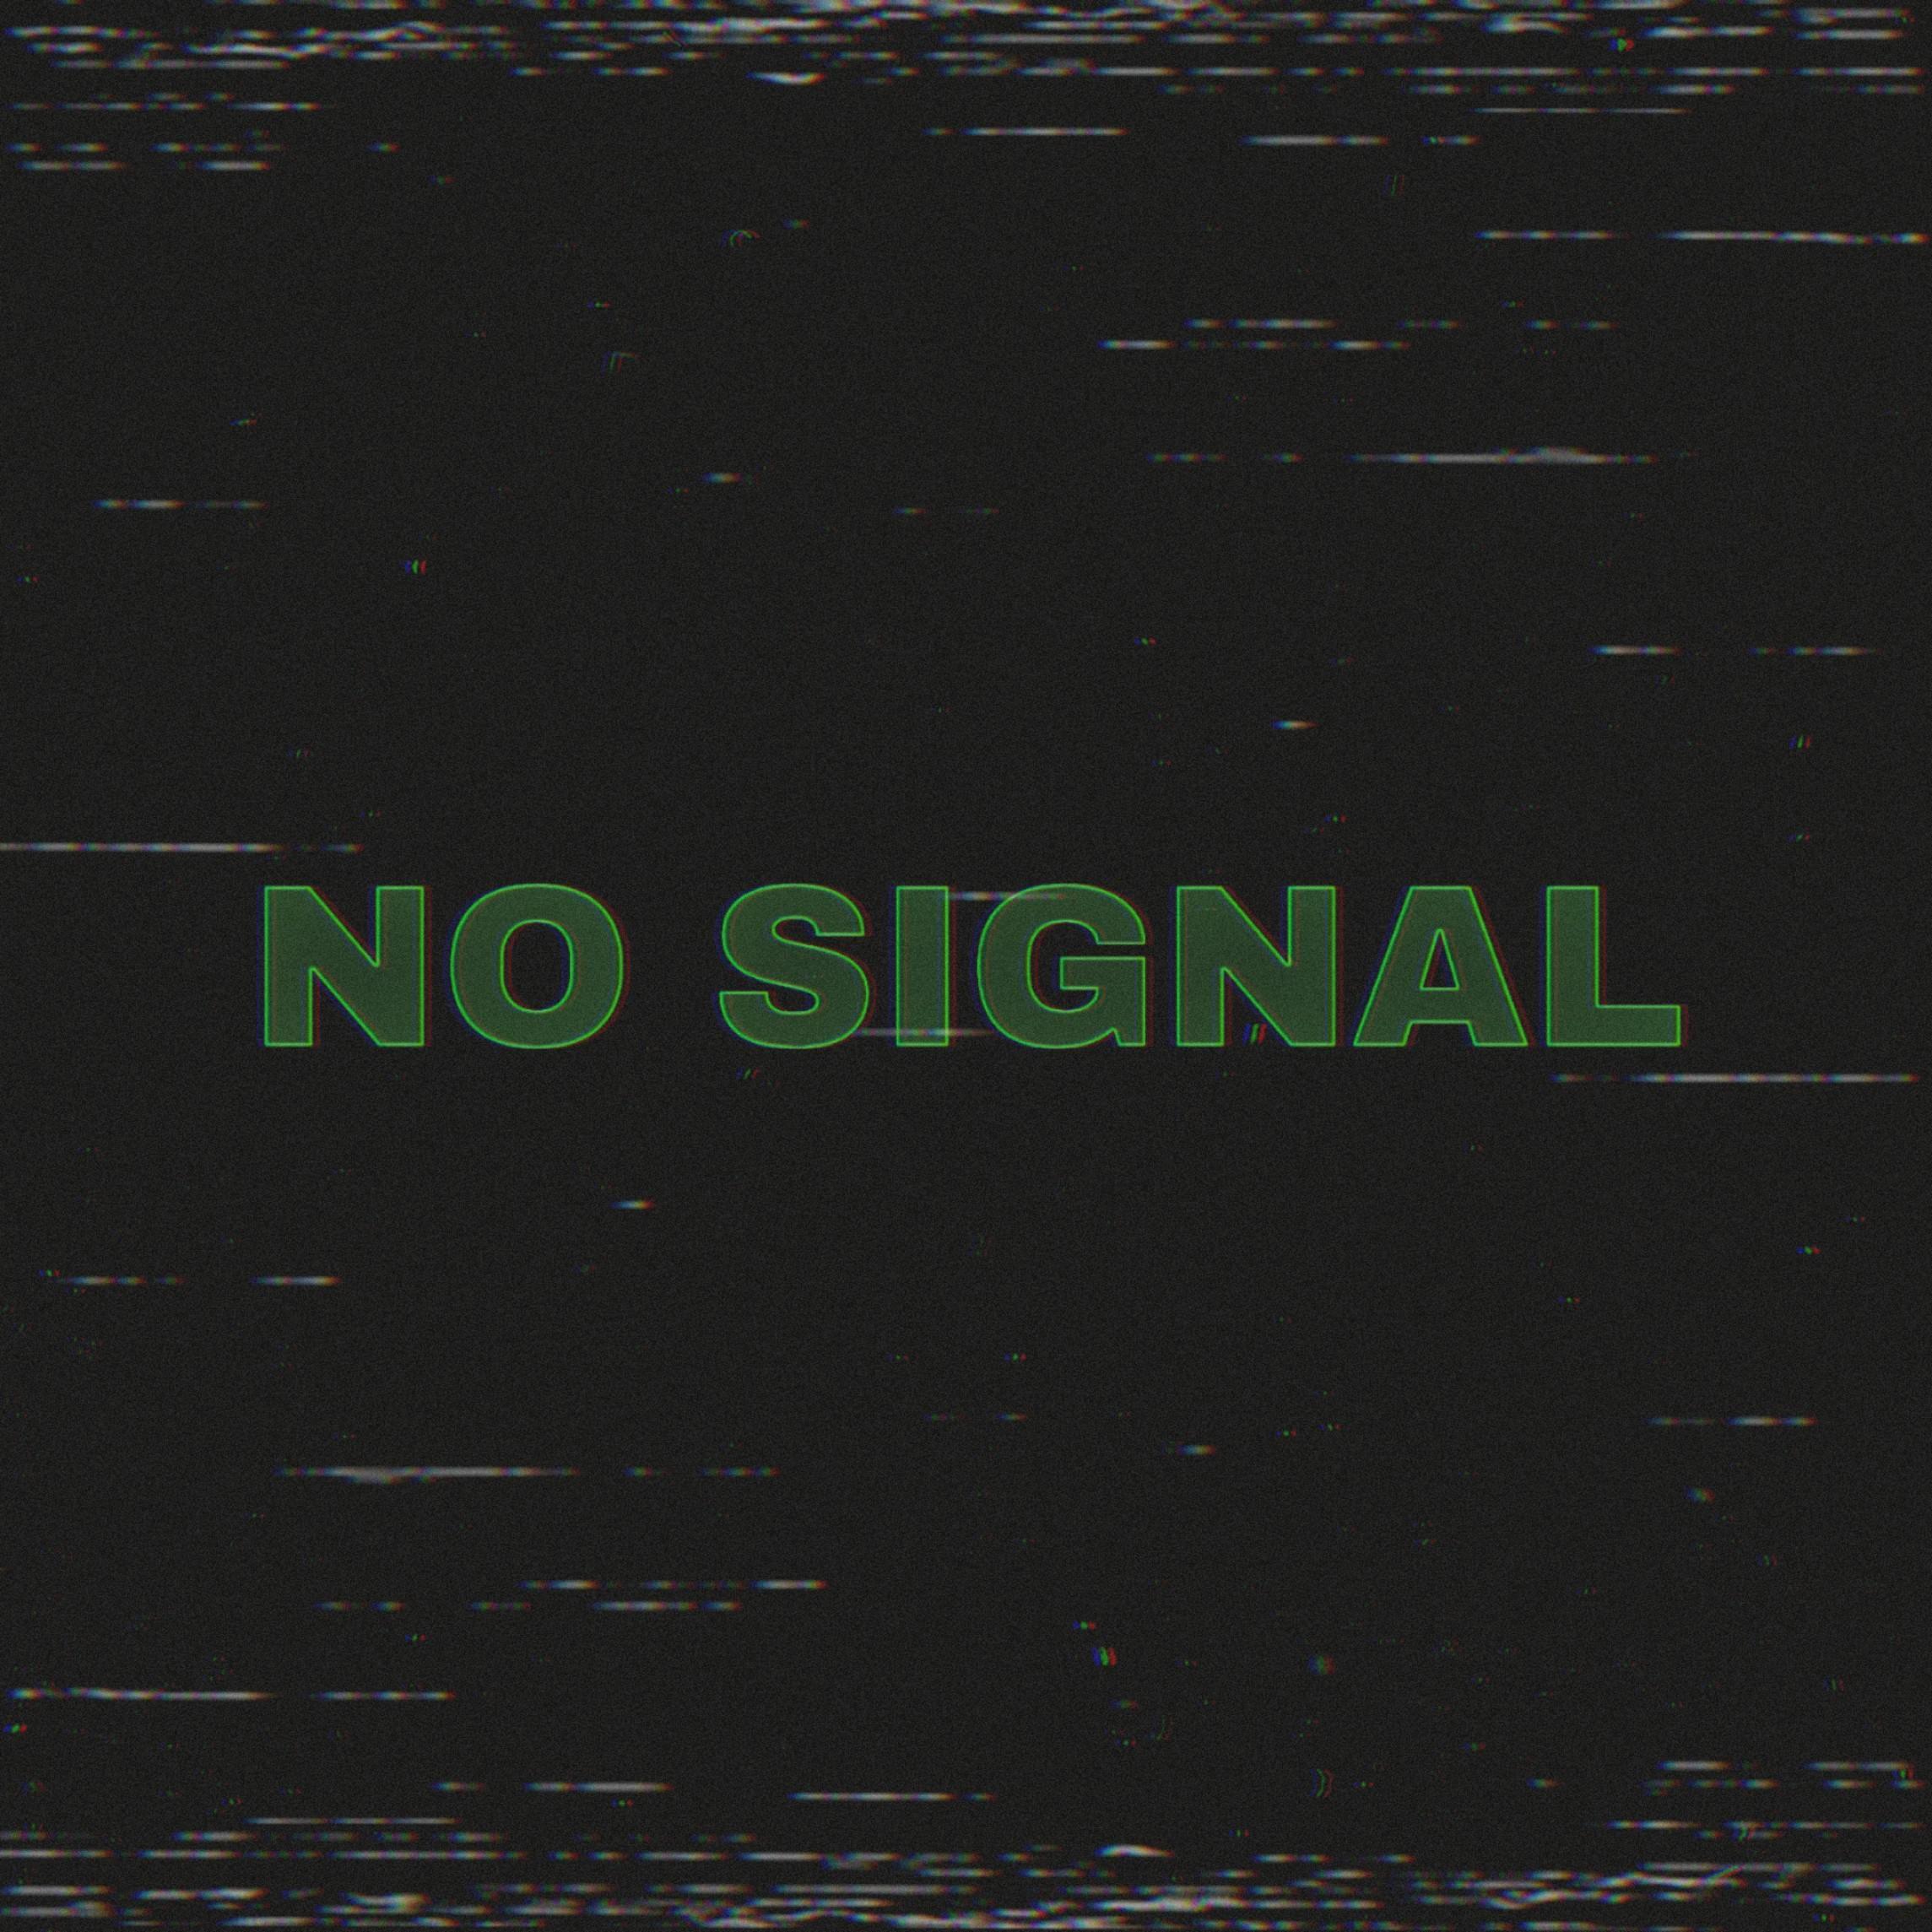 Mtal no signal artist names prompts text posts